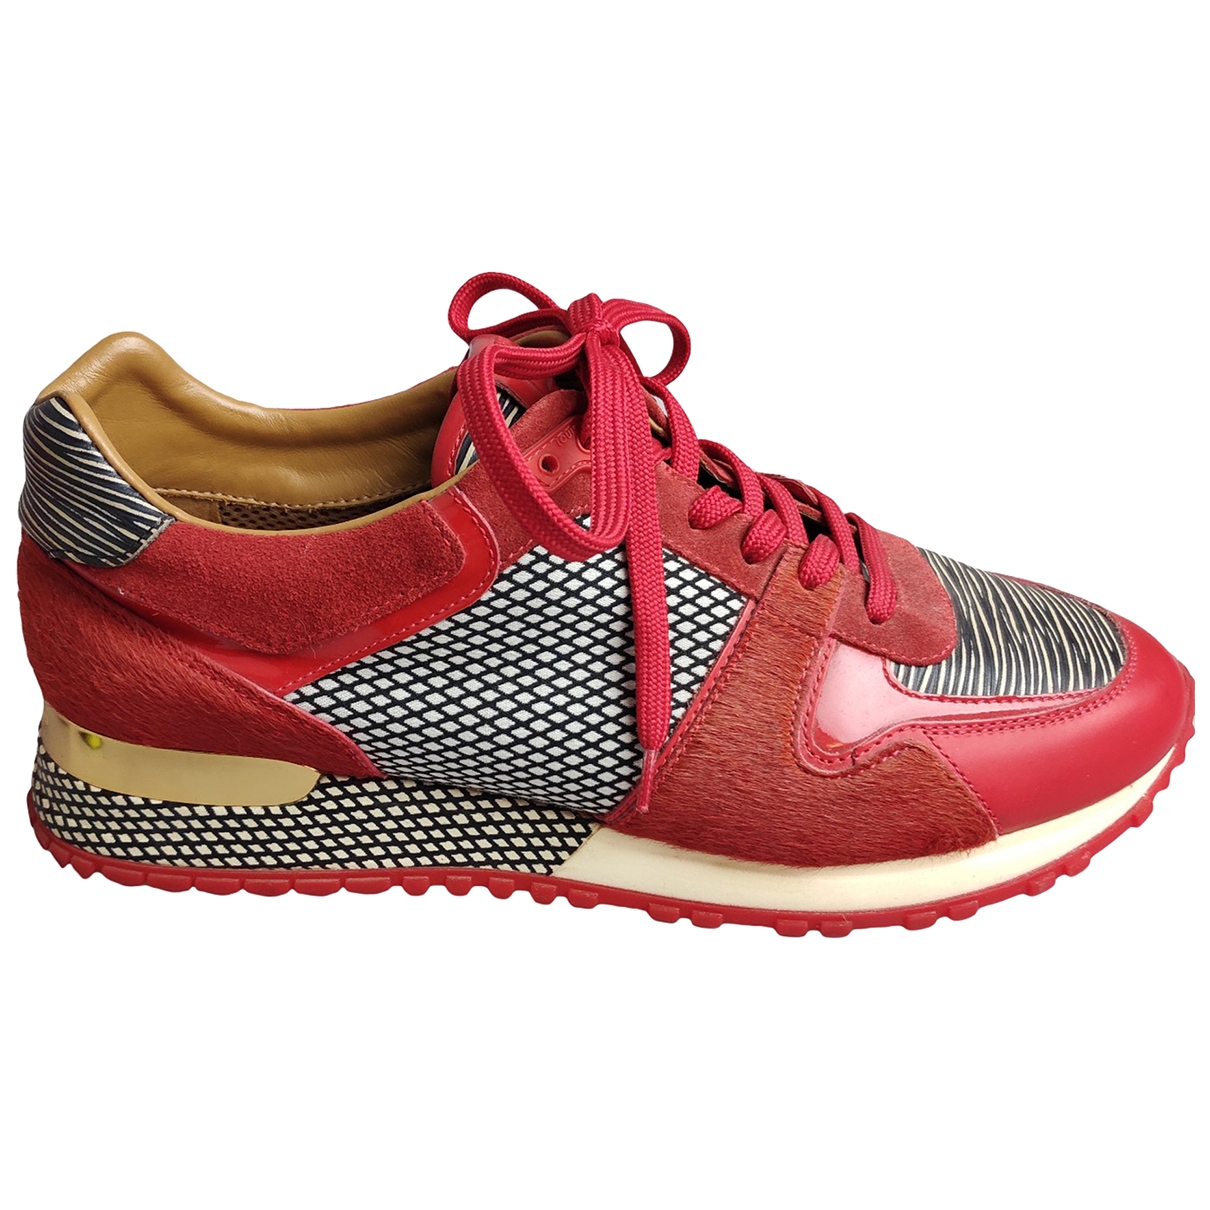 Louis Vuitton - Baskets Run Away pour femme en toile - rouge